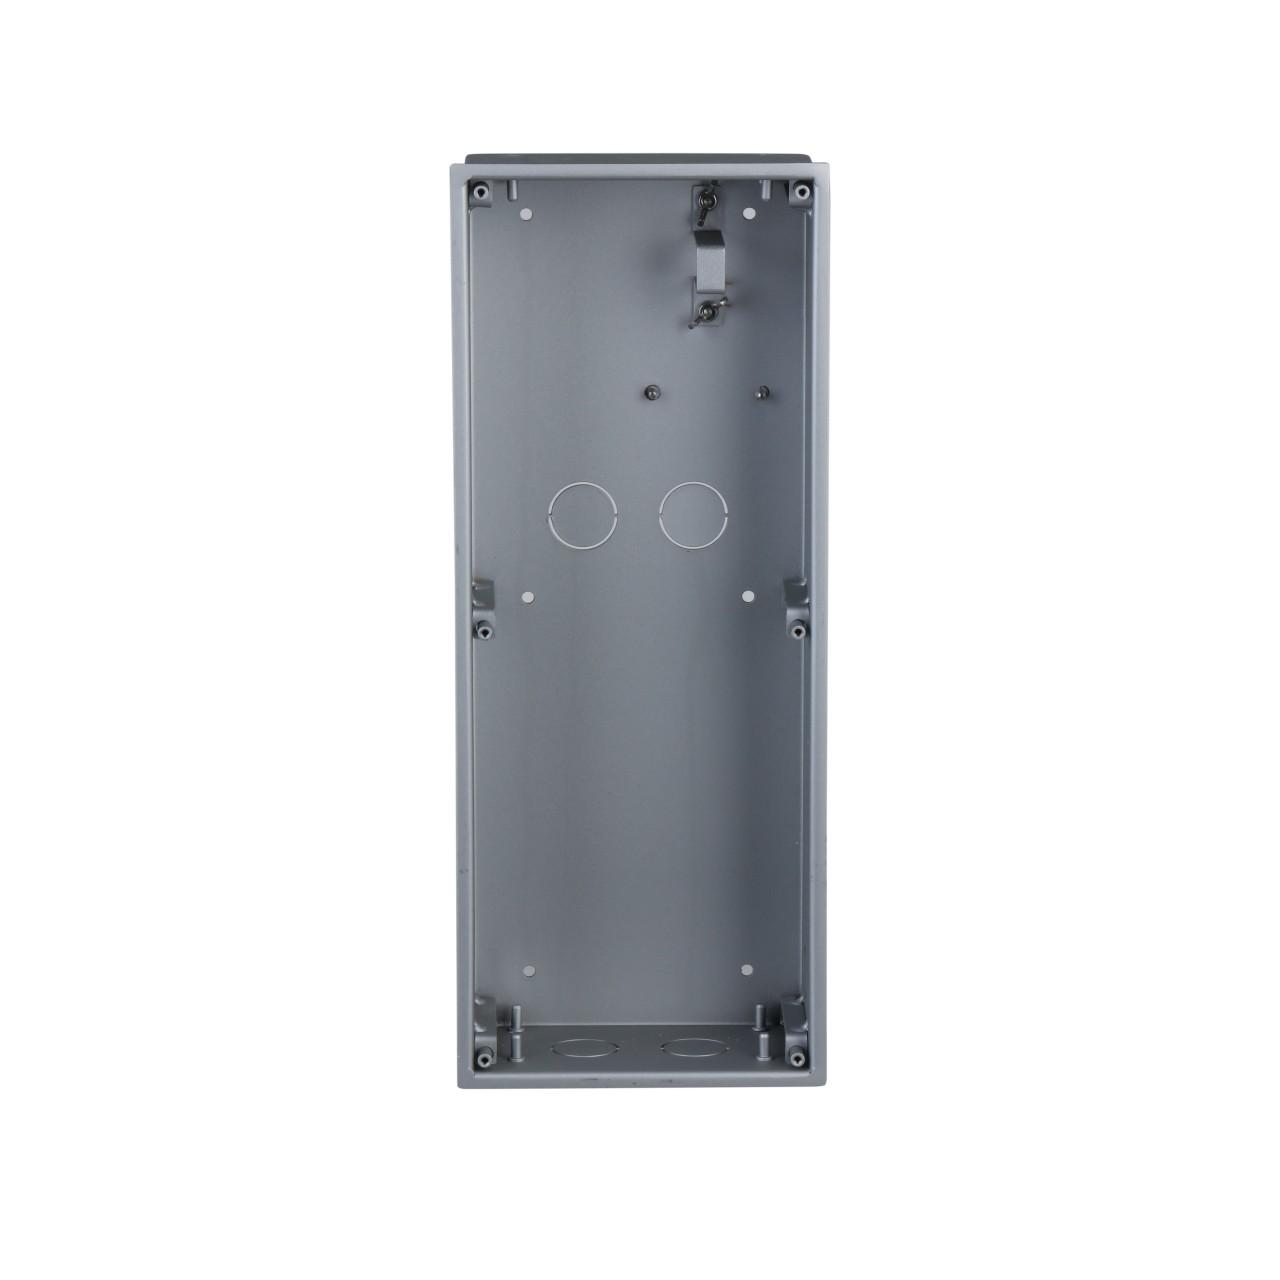 TURM IP Video Türsprechanlage Unterputz Einbaurahmen für die modulare Außenstation mit drei Modulen